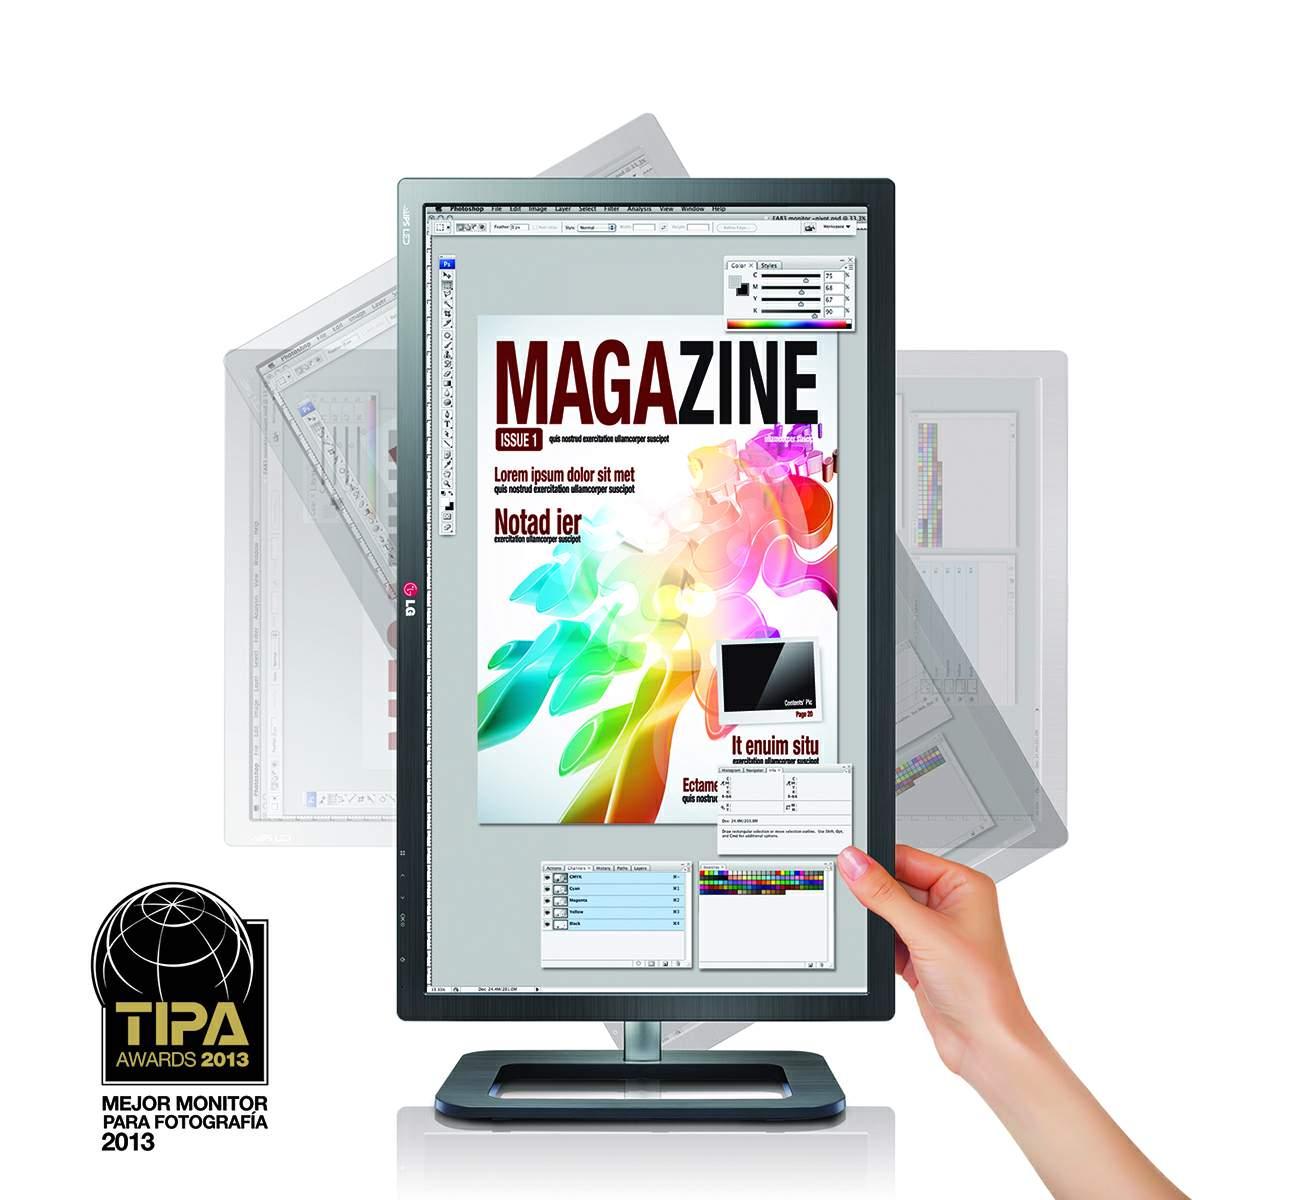 Monitor 27EA83 ColorPrime, ideal para profesionales del diseño